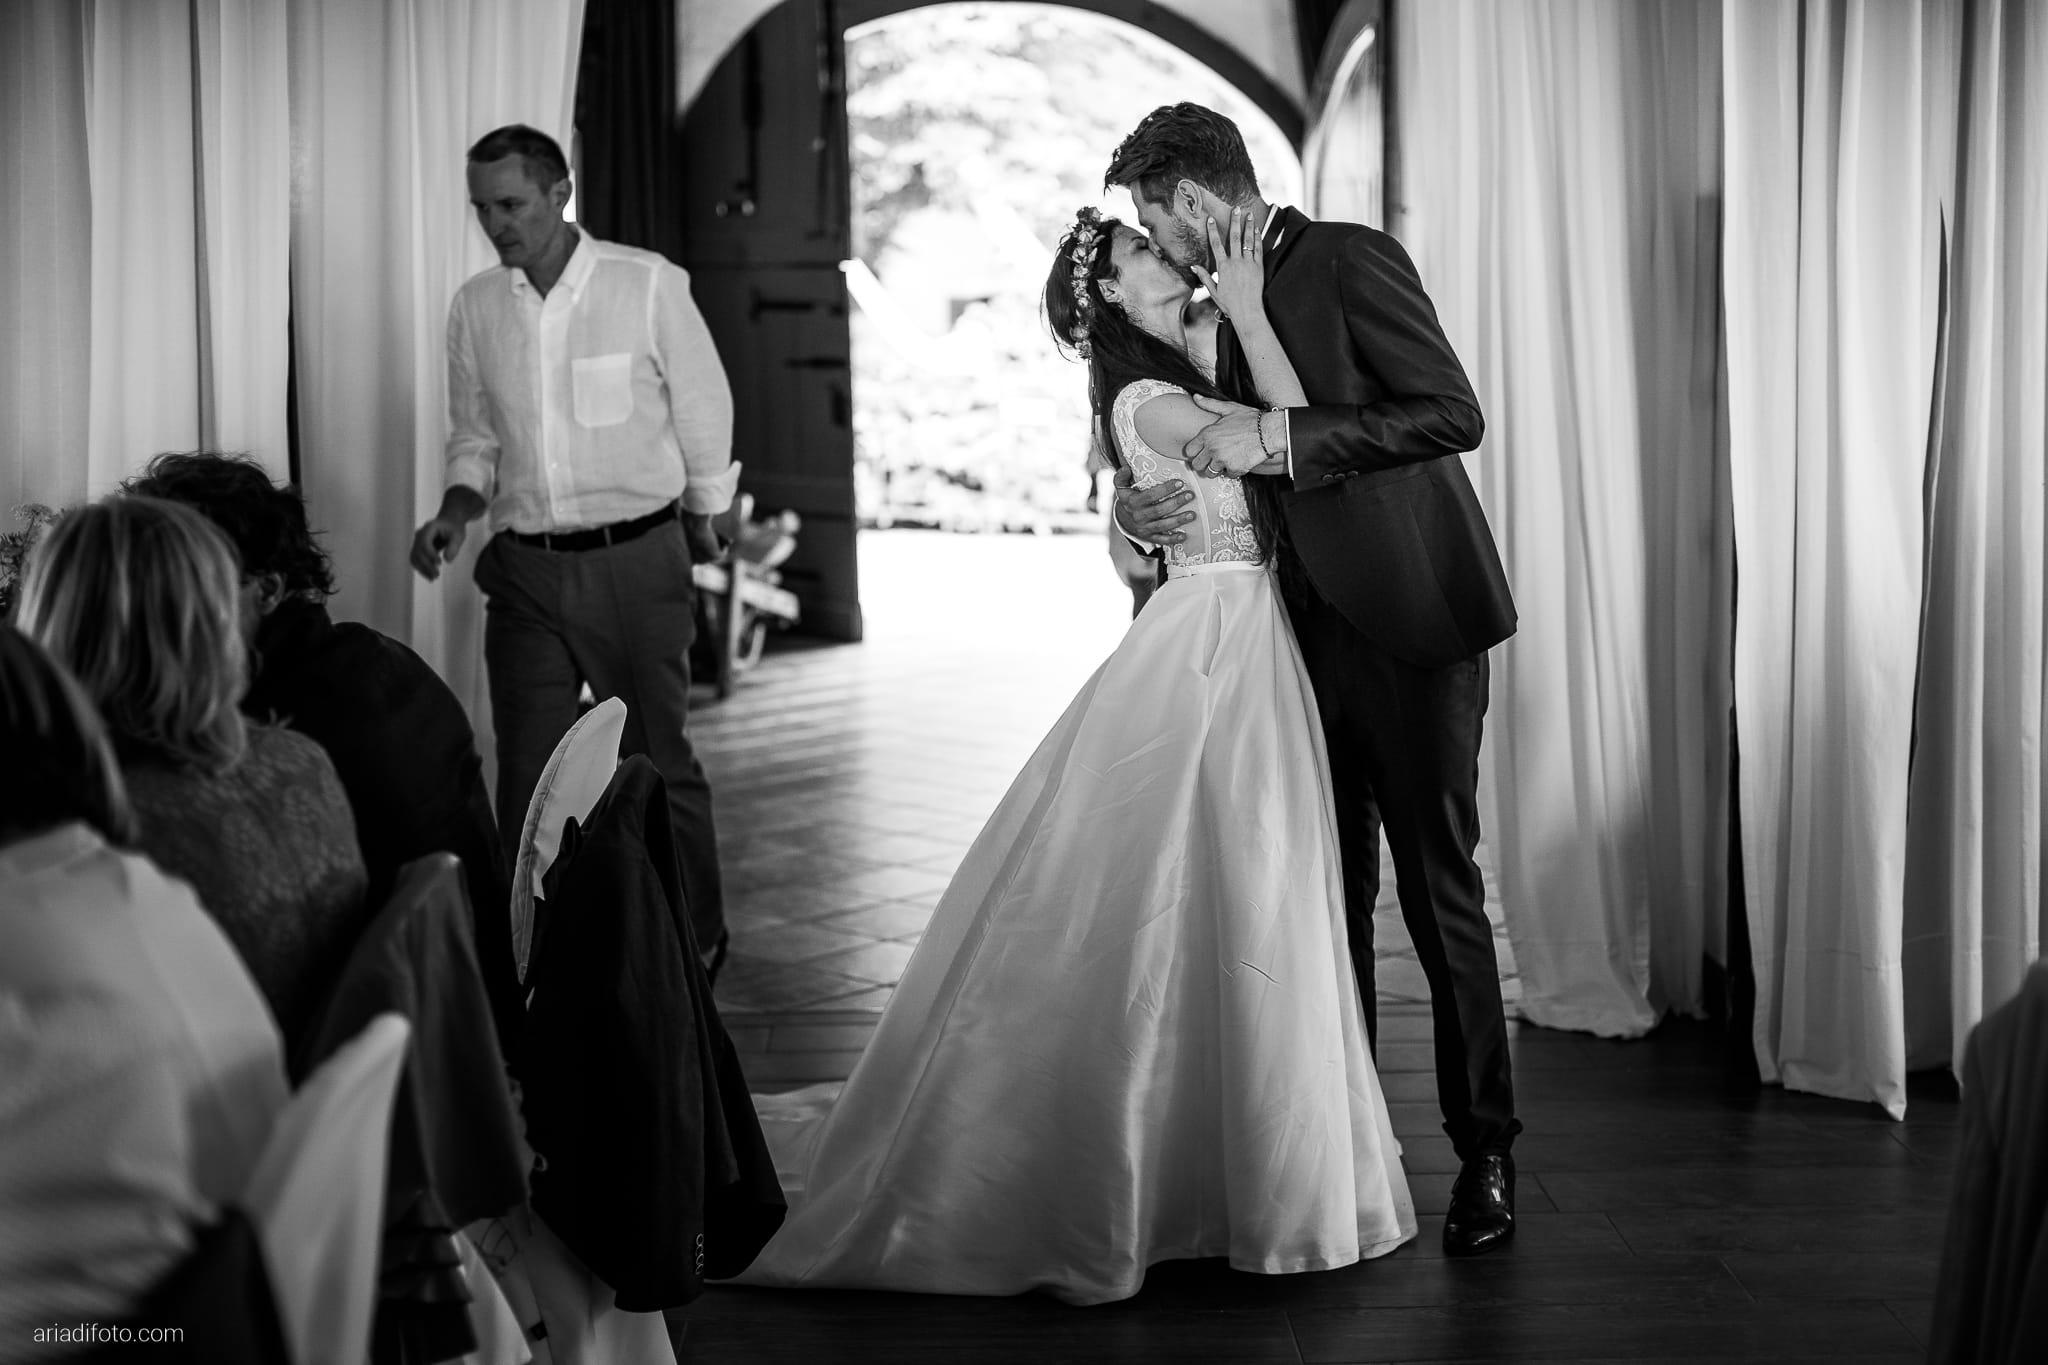 Giorgia Davide Matrimonio Muggia Trieste Baronesse Tacco San Floriano Del Collio Gorizia ricevimento